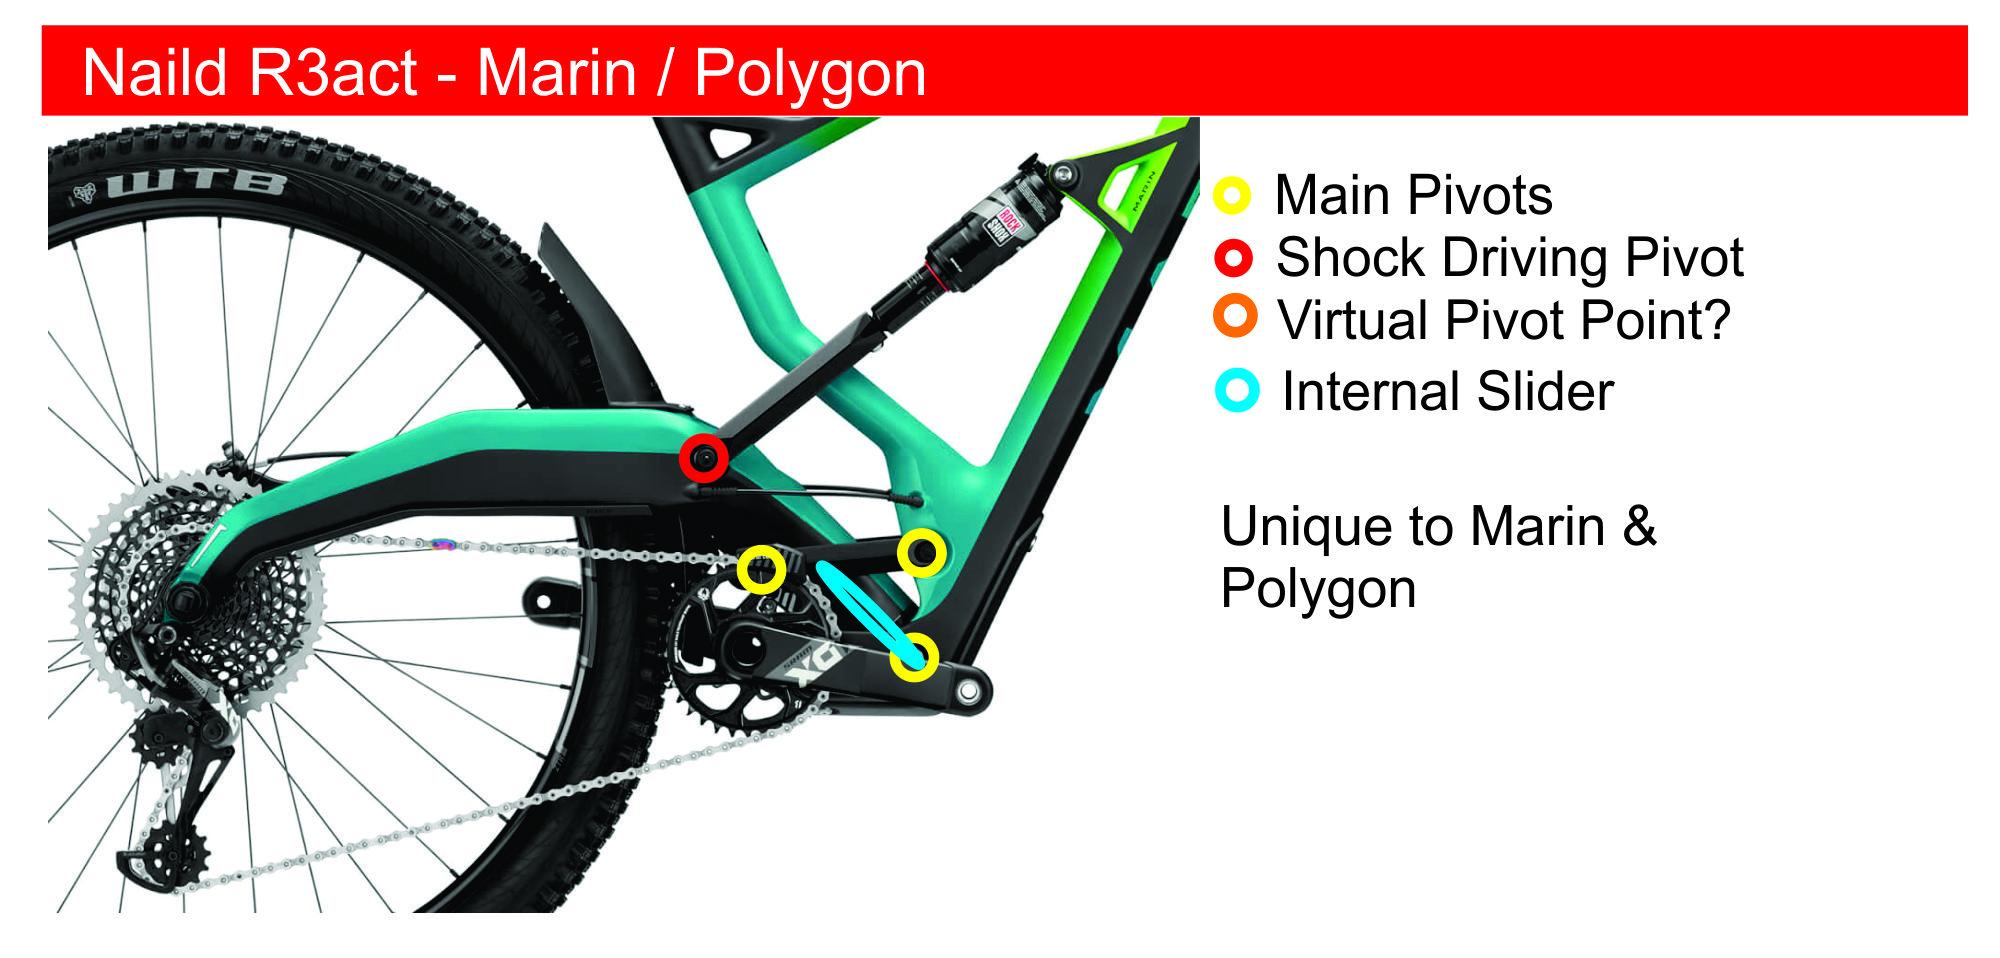 R3act suspension design explained